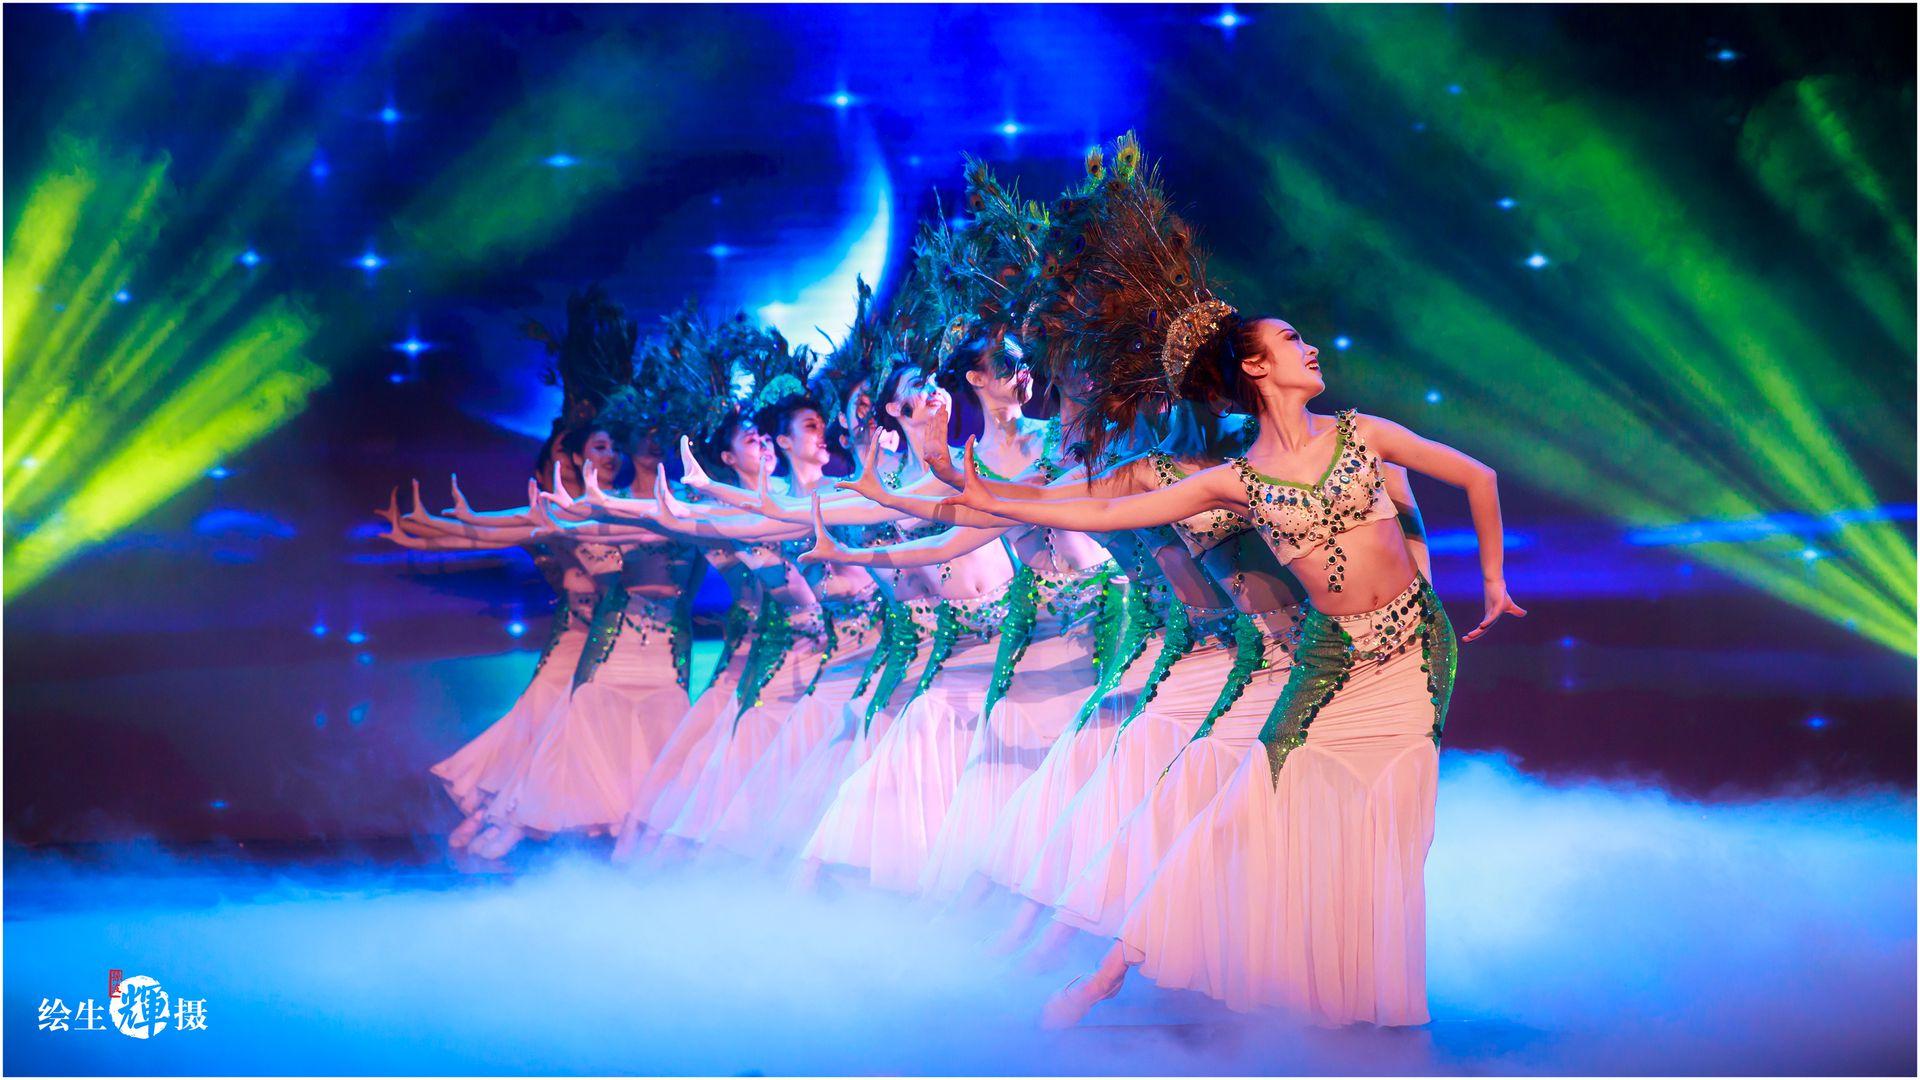 Spectacle De Danse Par Les Étudiants De La Central South à Spectacle Danse Chinoise